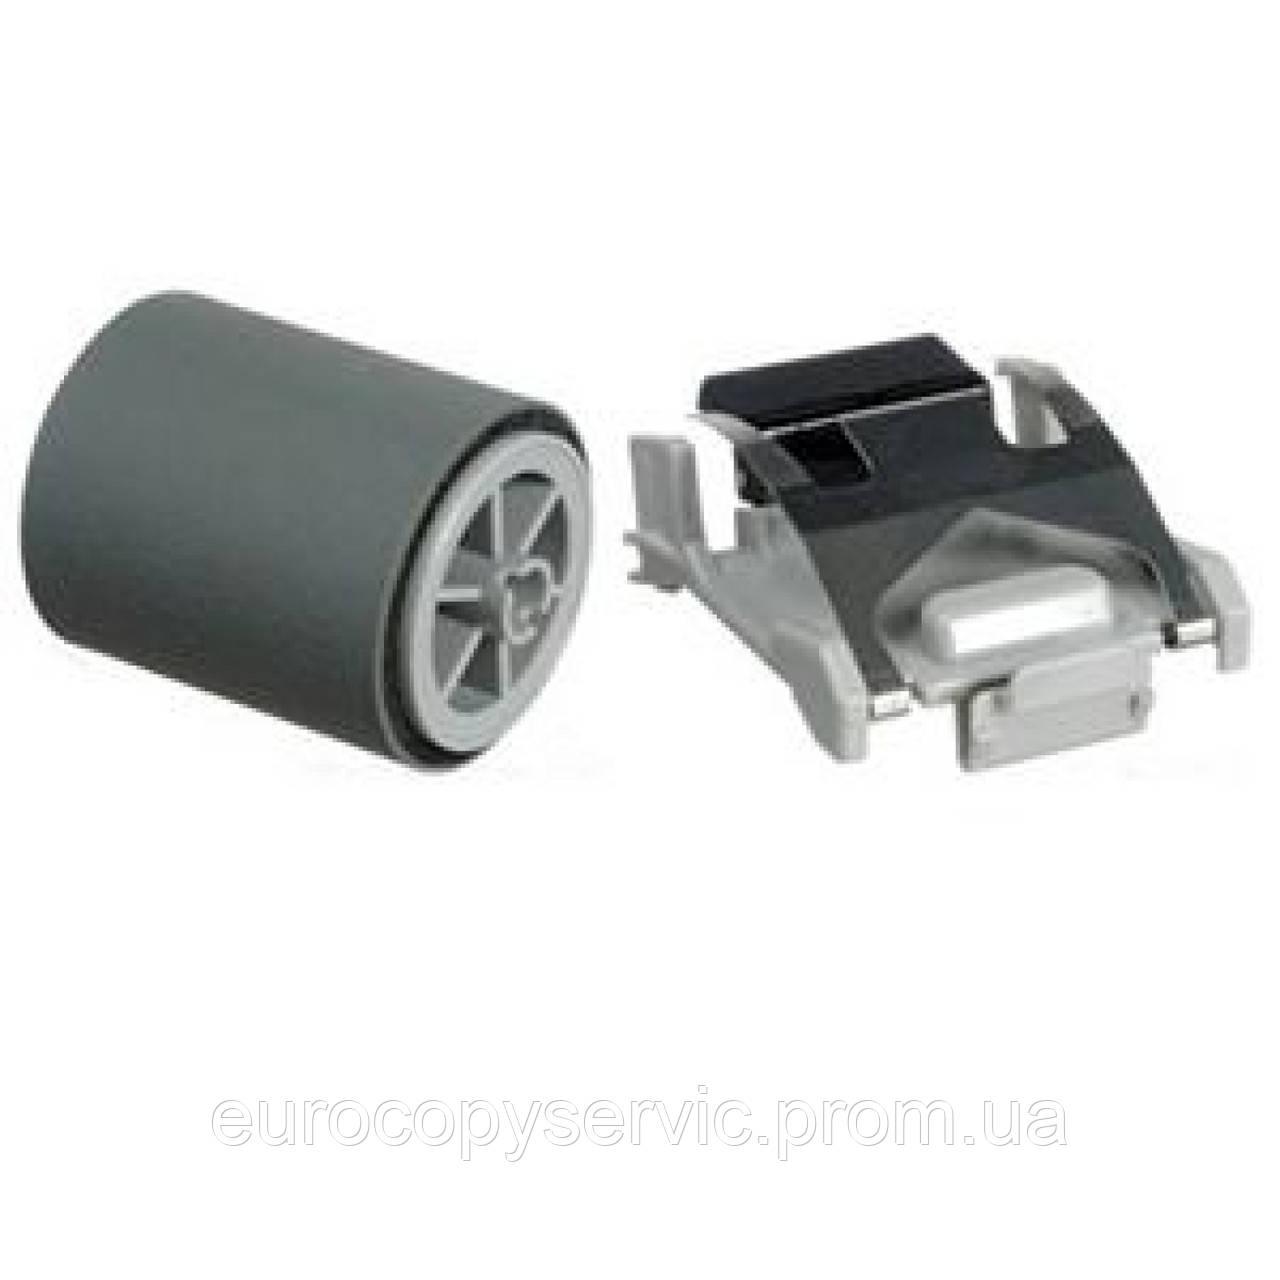 Комплект роликов для Epson GT-S50/S55/S80/S85 (B12B813421)